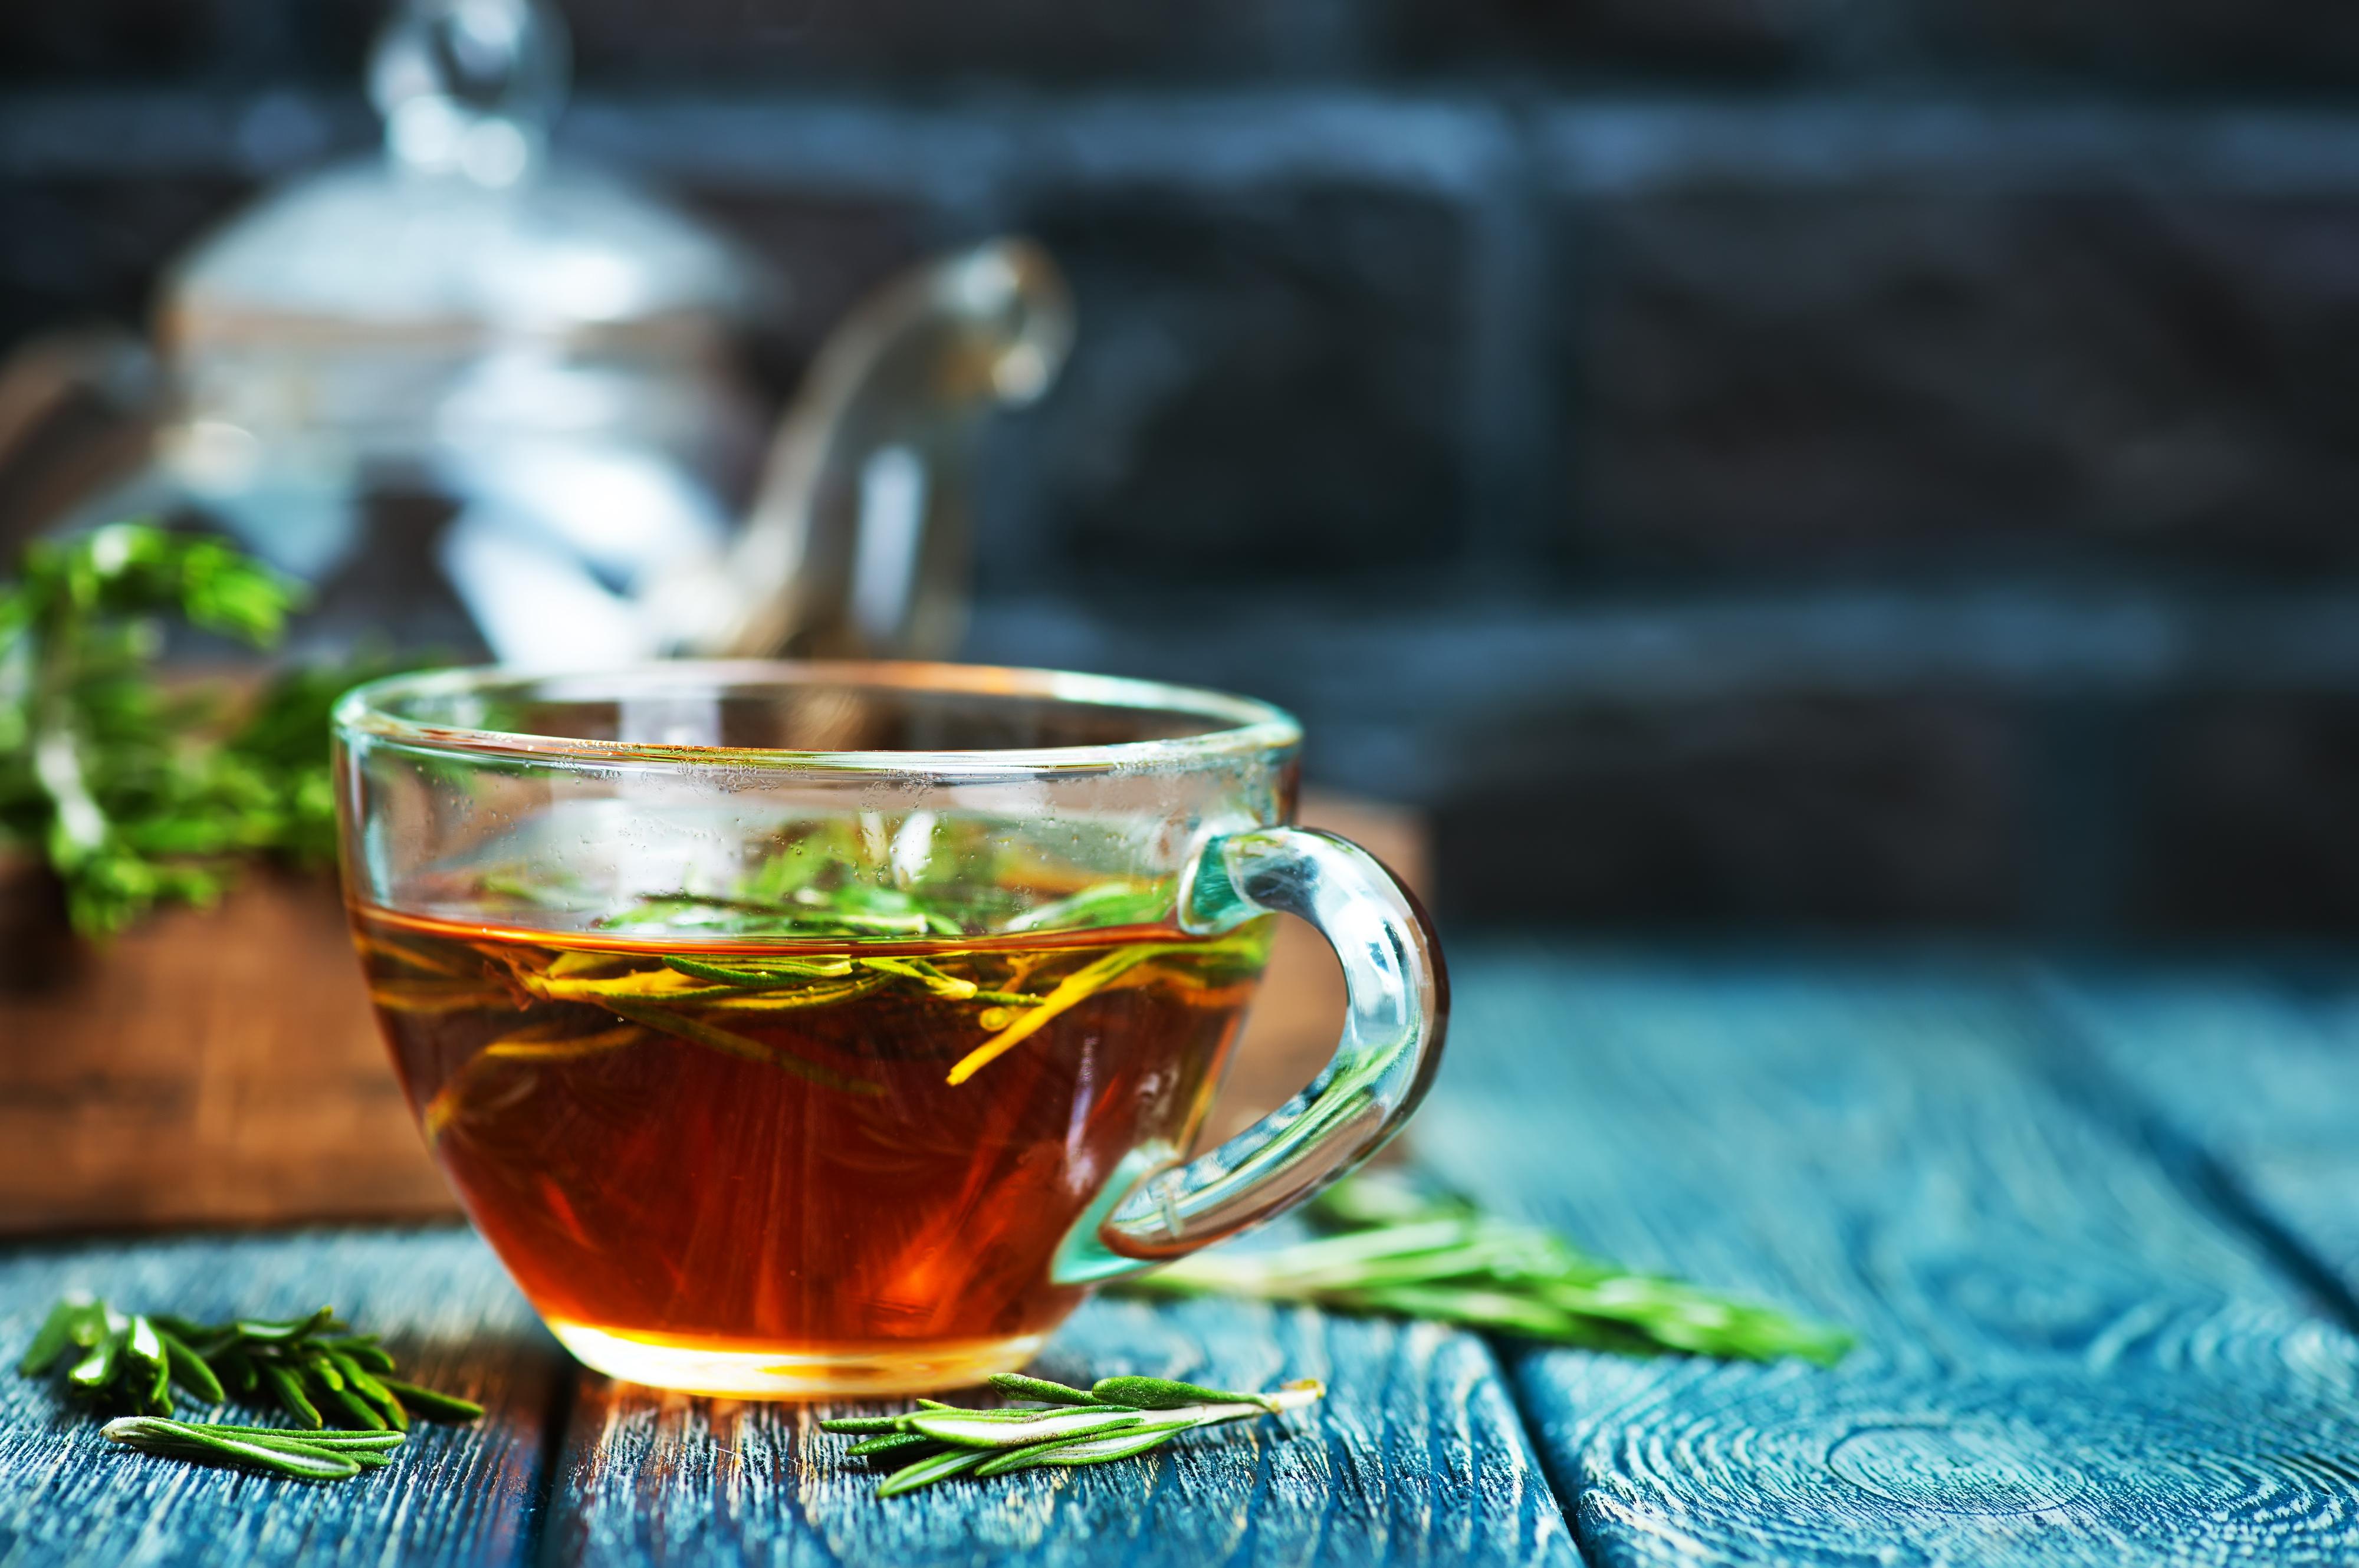 rosemary-tea-PWS8YB4